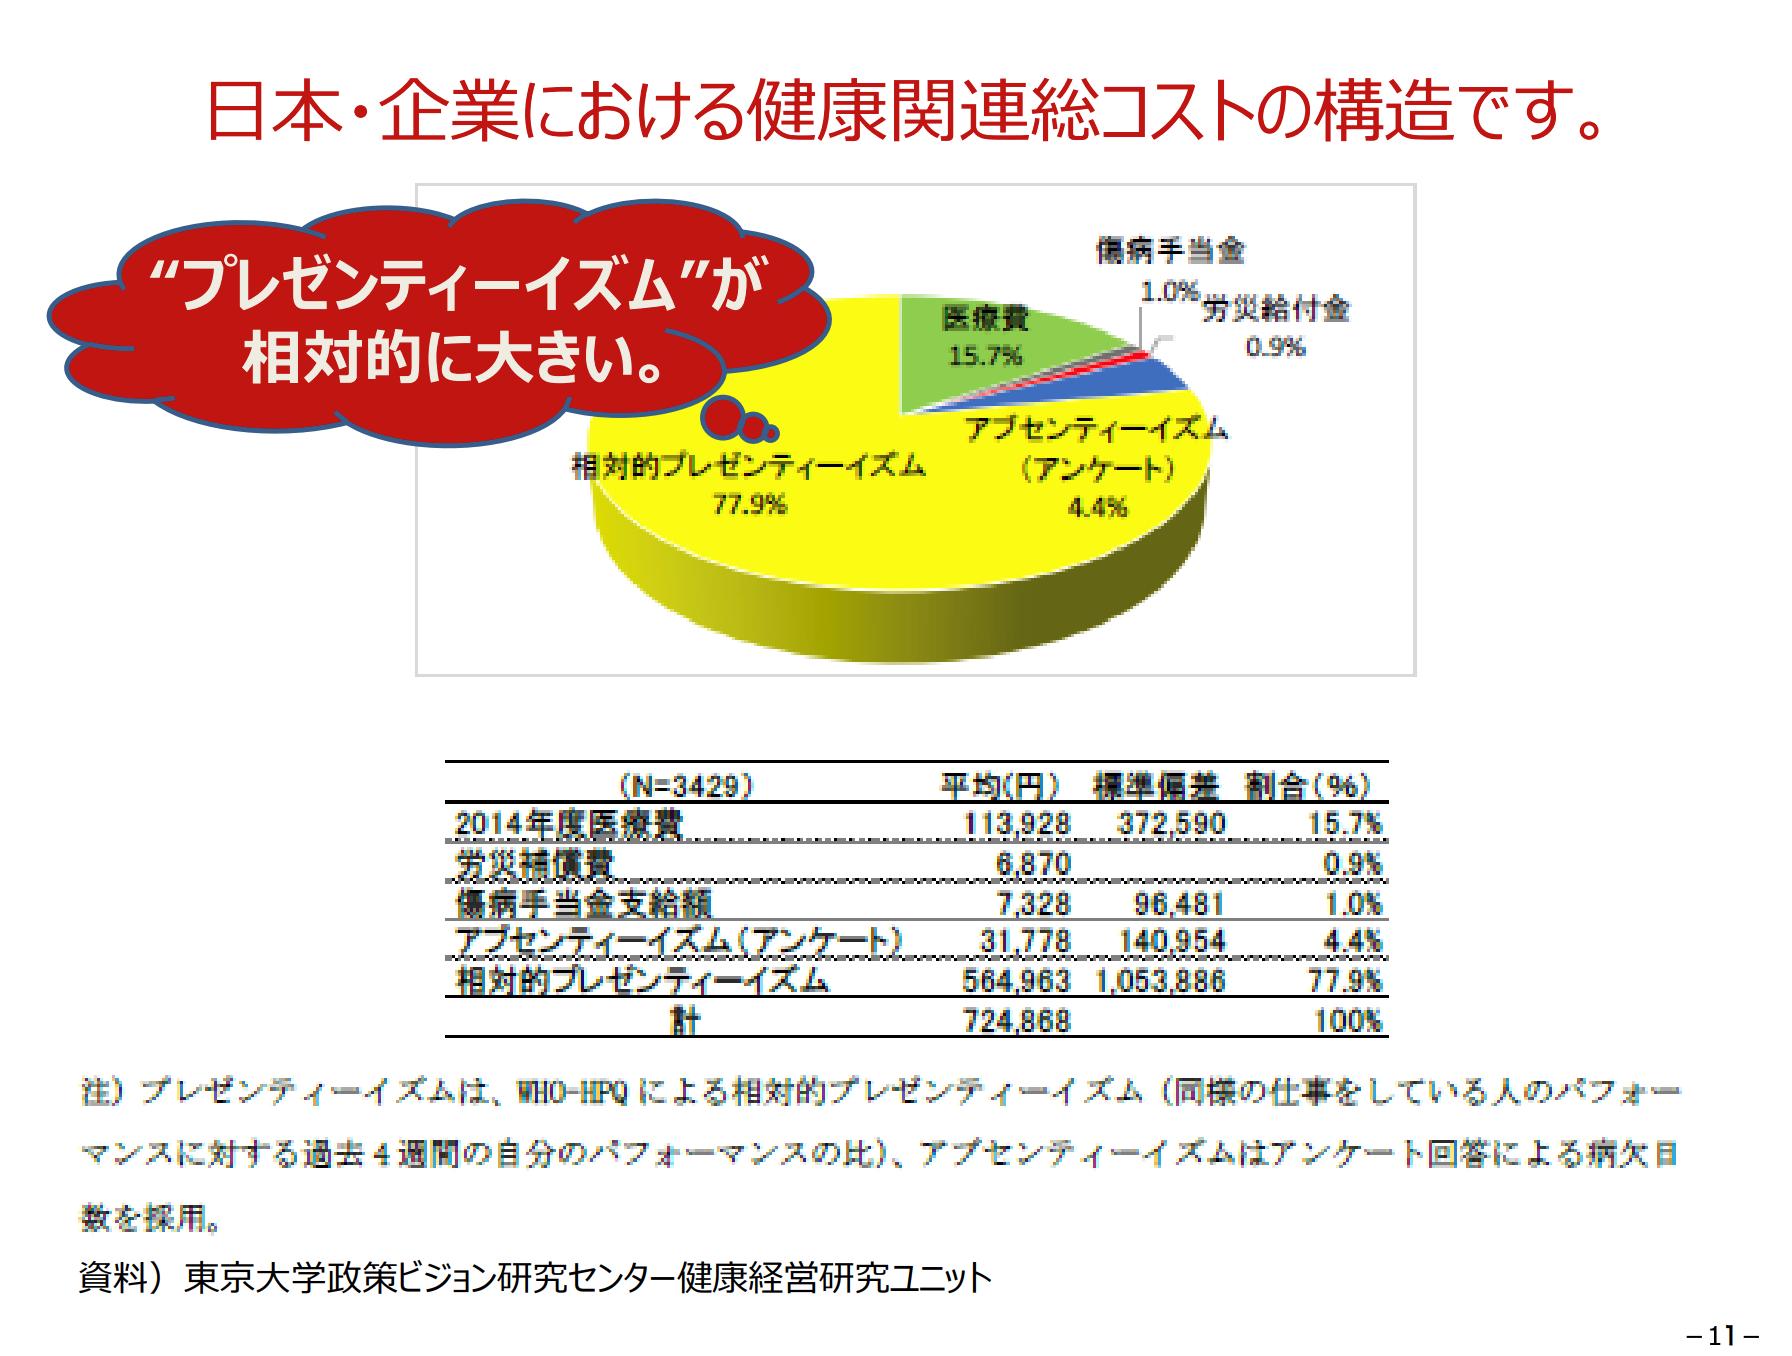 日本企業における健康関連総コスト構造